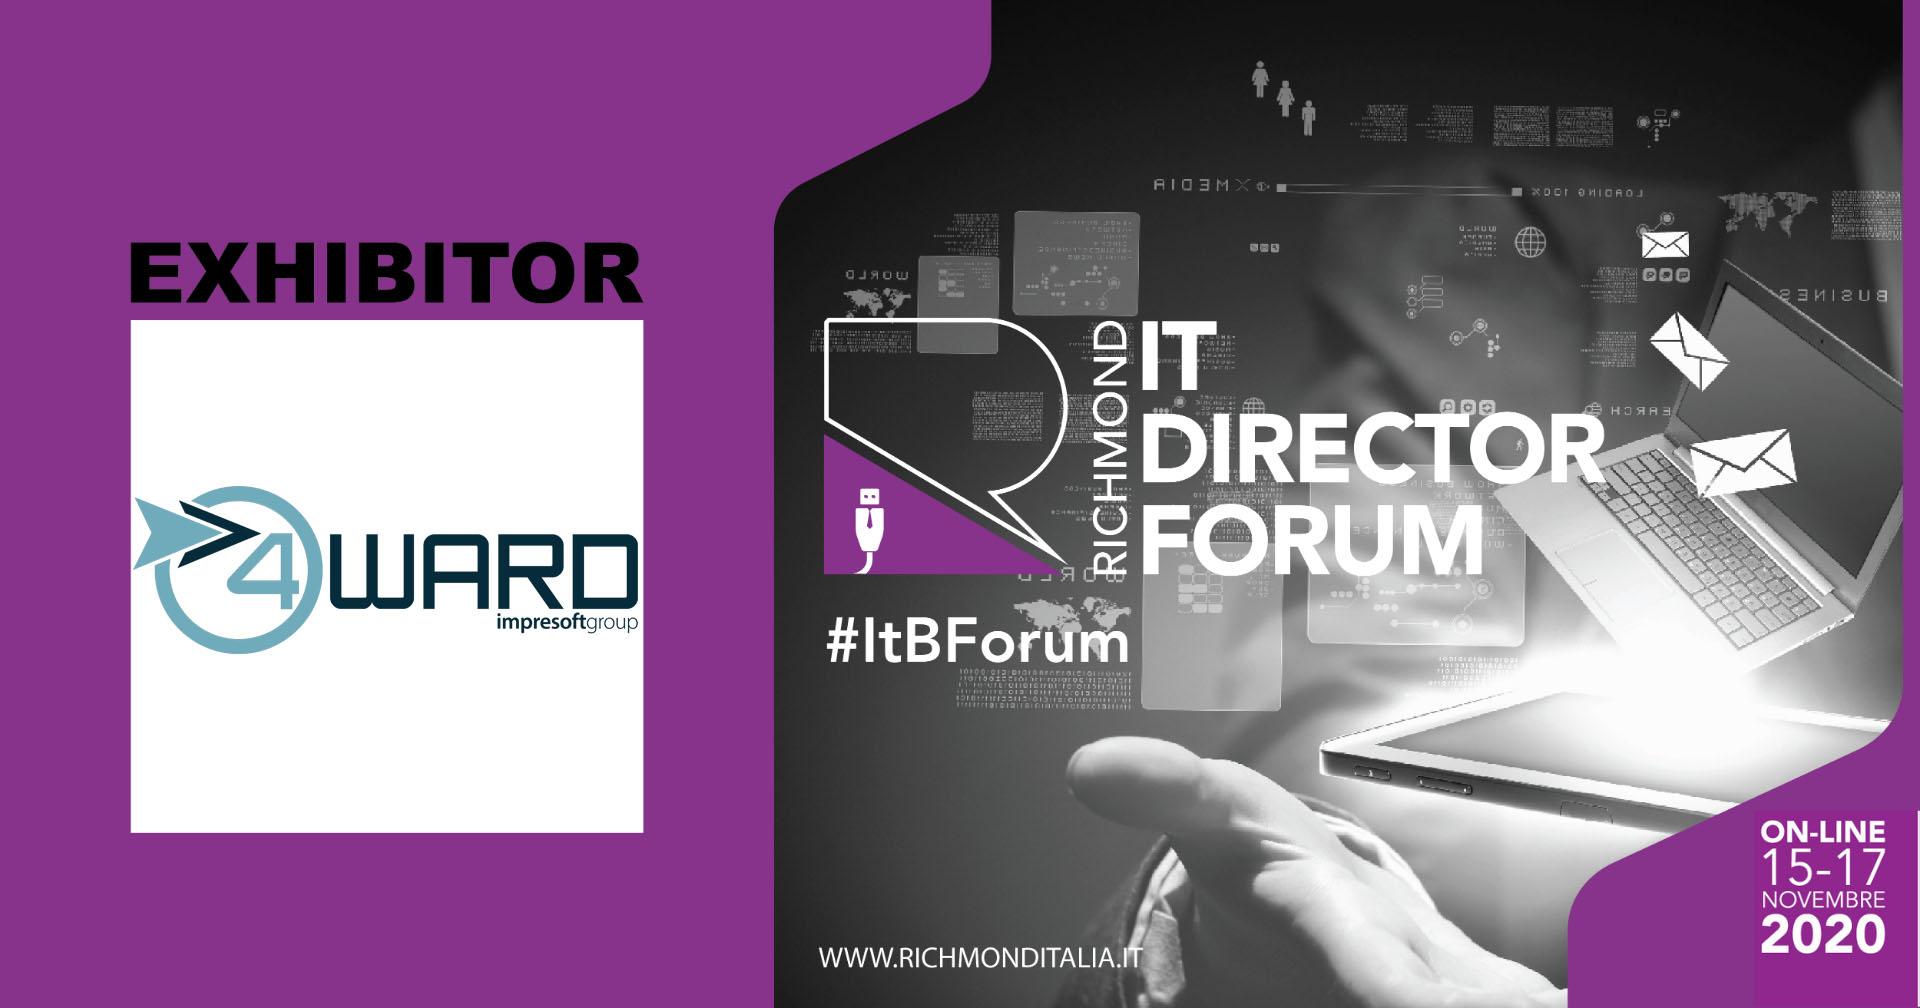 Richmond IT Director Forum 2020